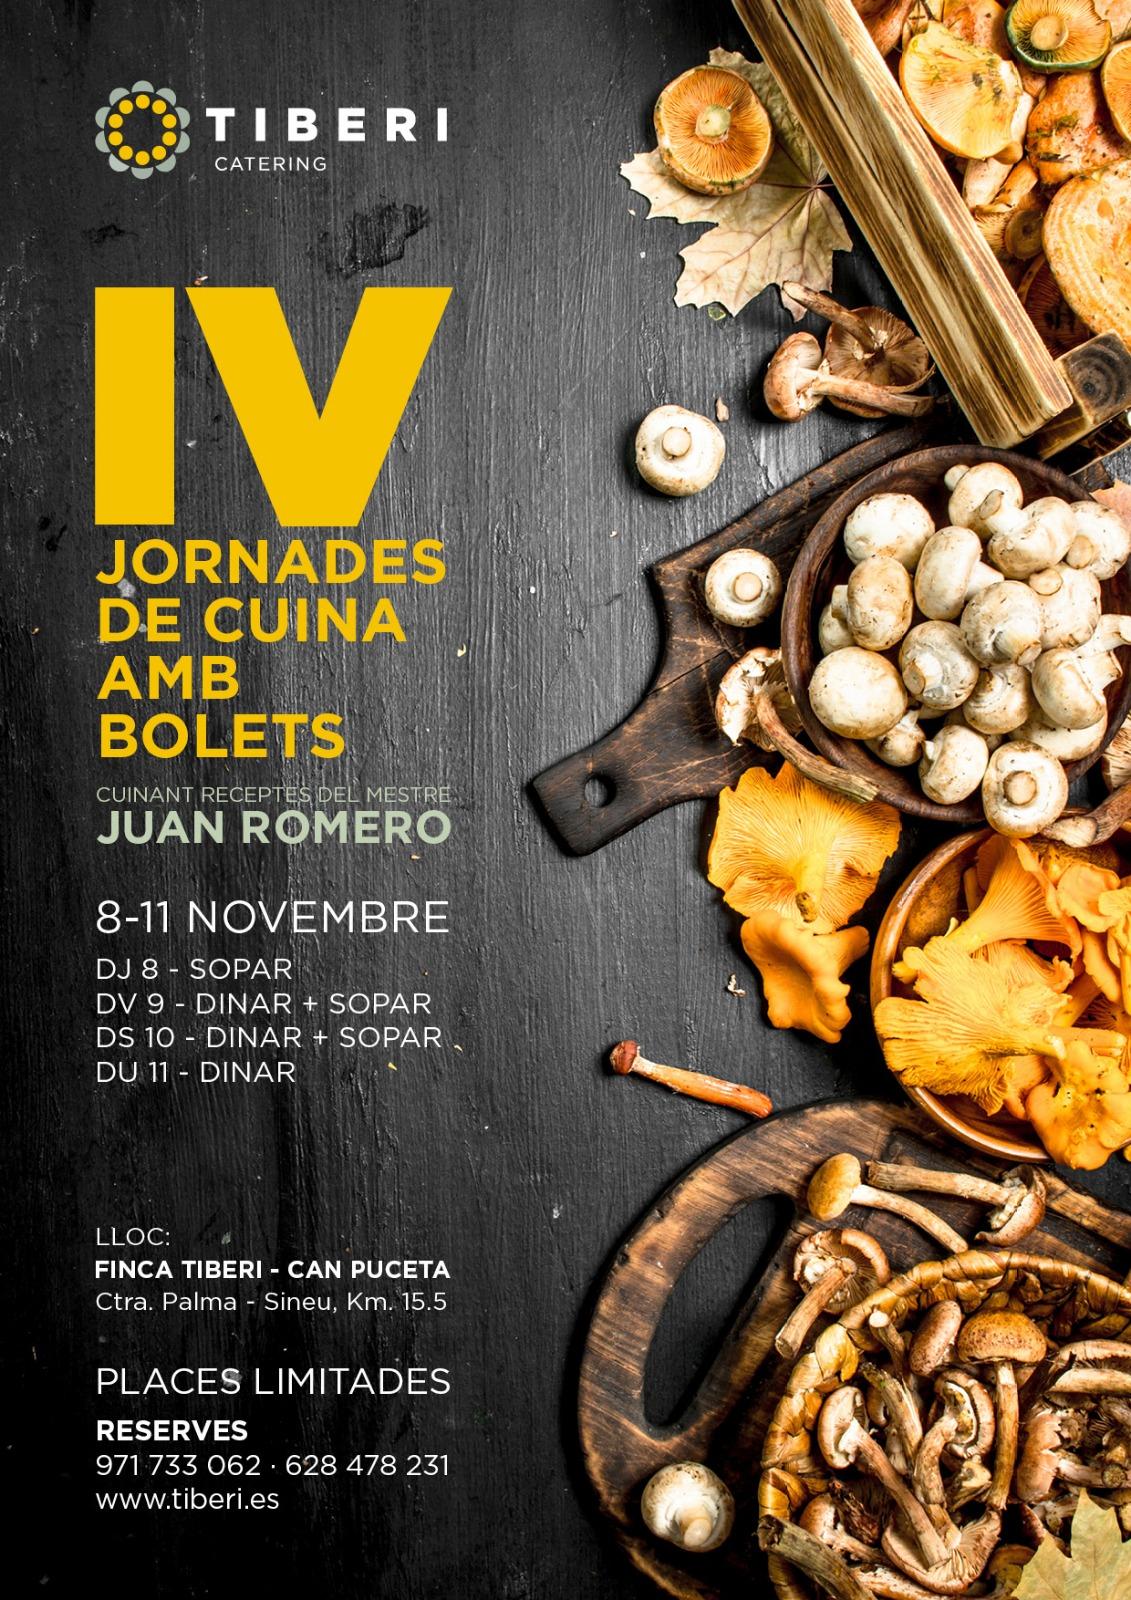 jornades-cuina-bolets-tiberi-catering-can-puceta